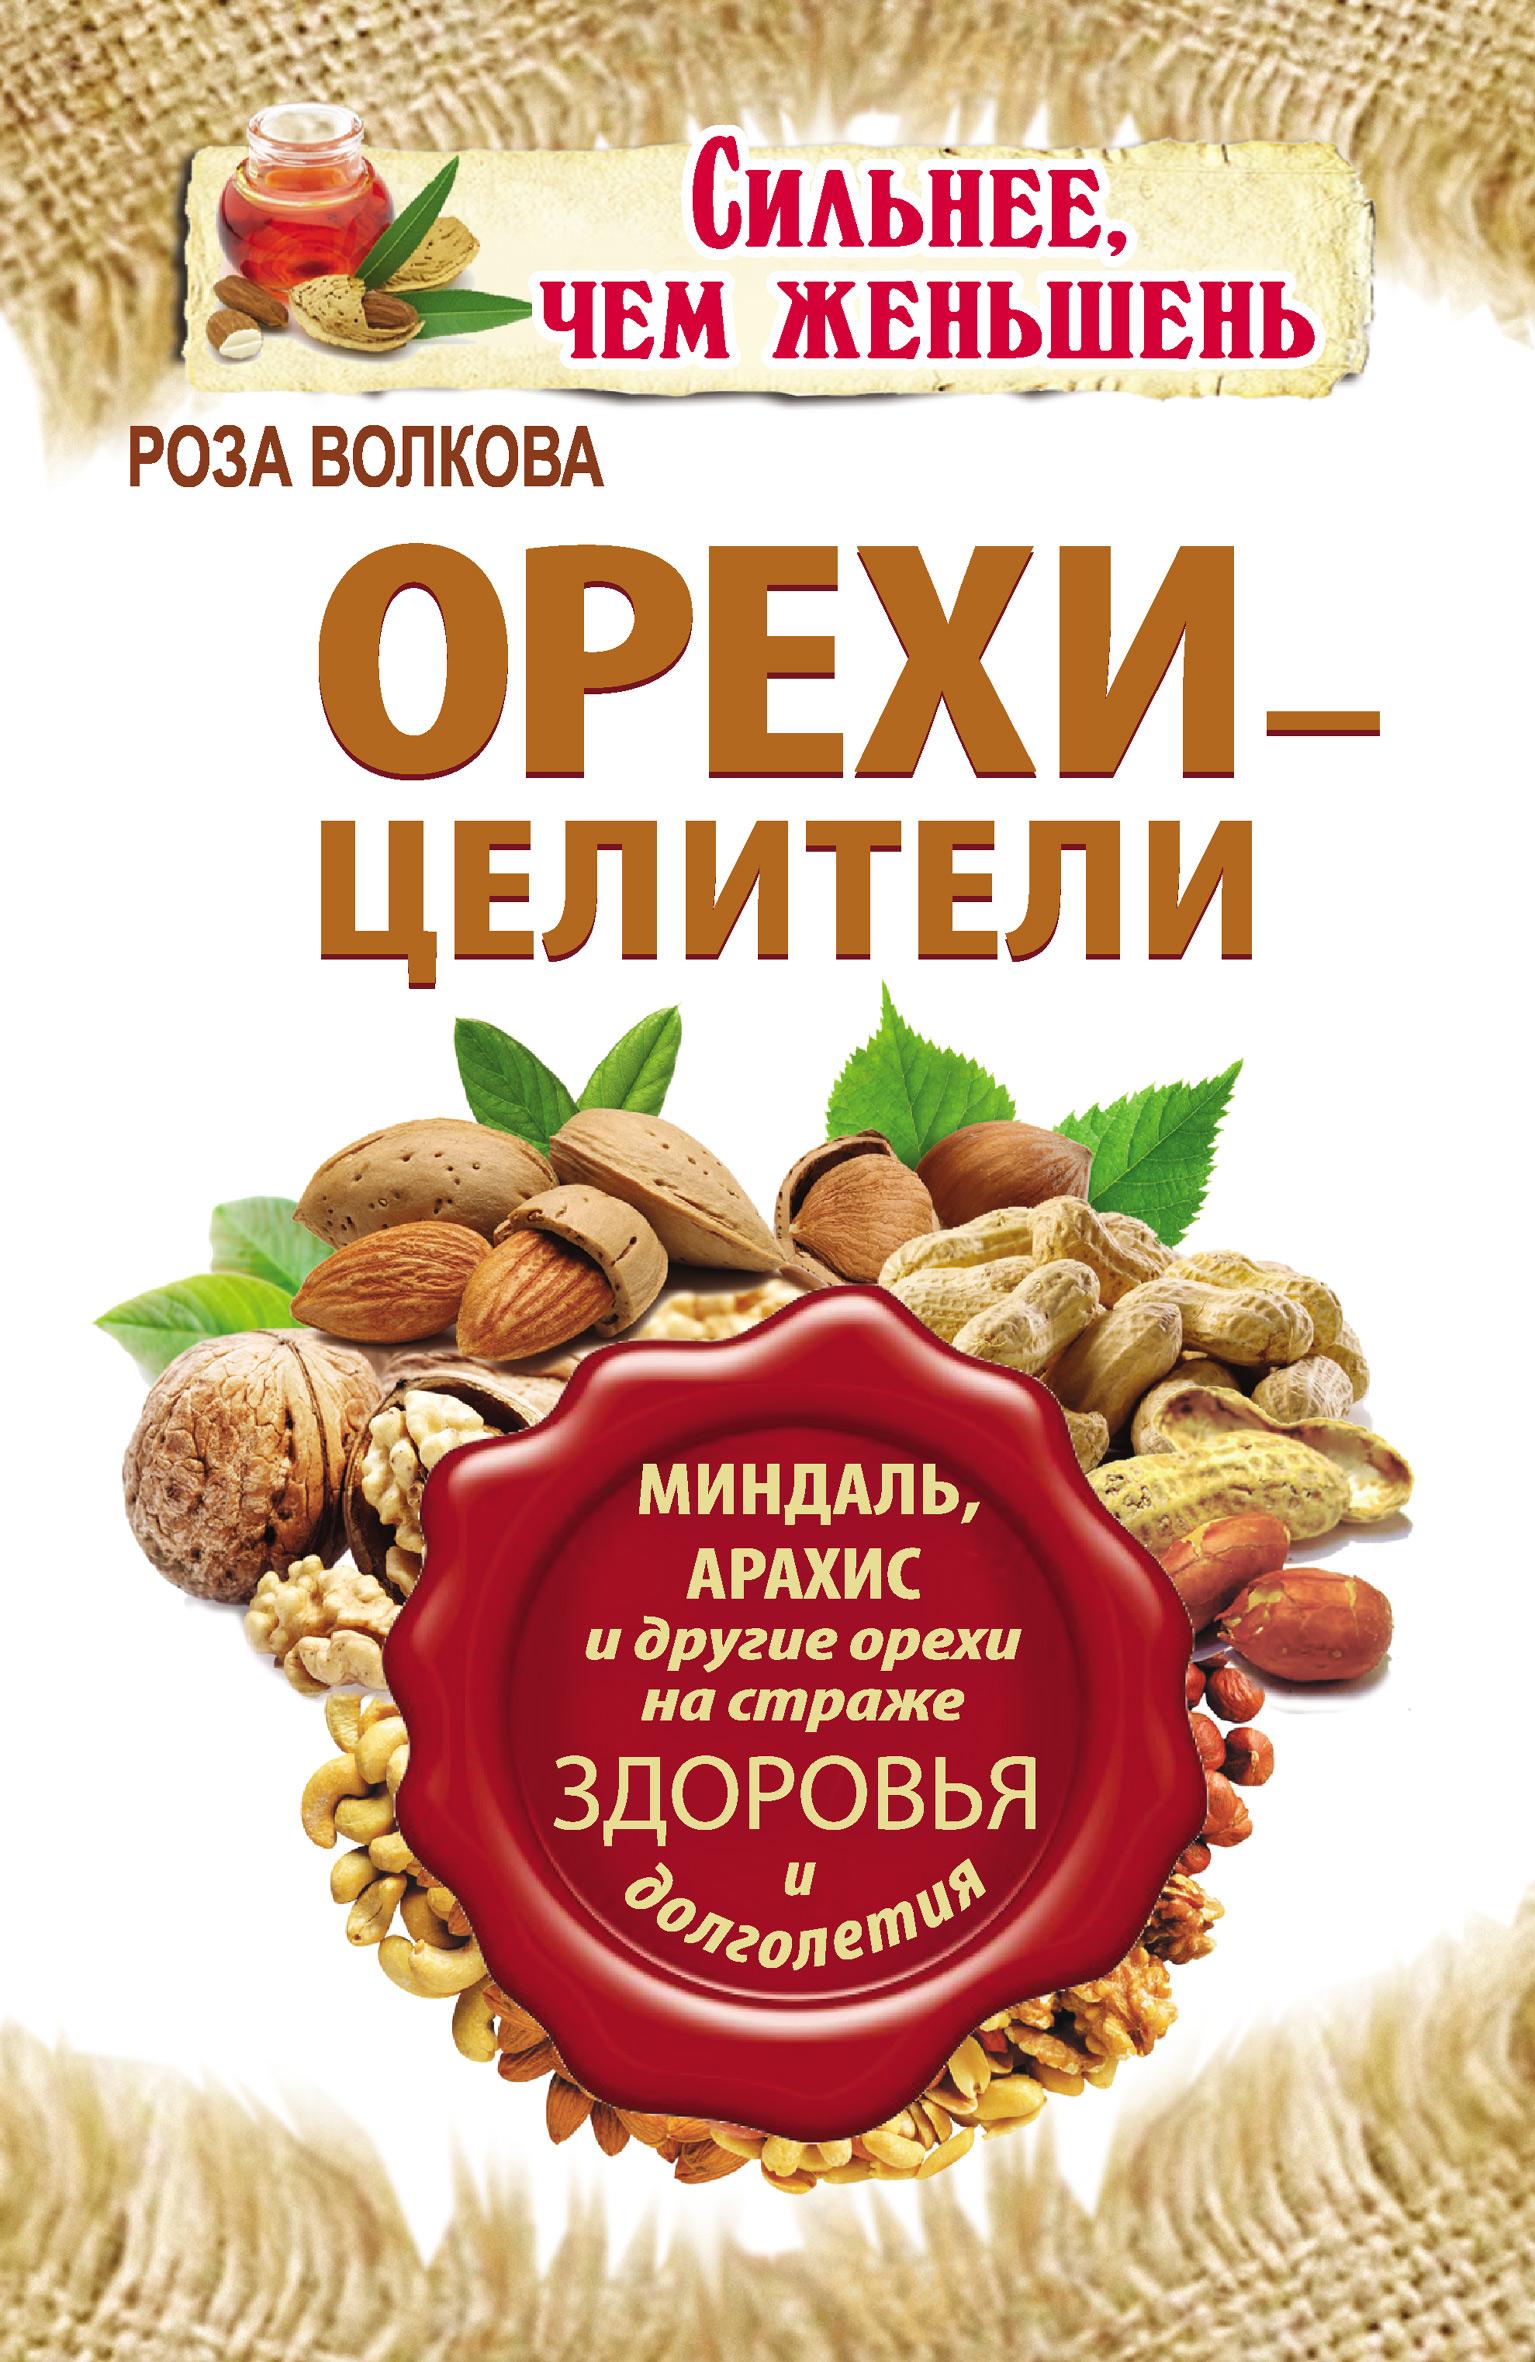 Орехи – целители. Миндаль, арахис и другие орехи на страже здоровья и долголетия